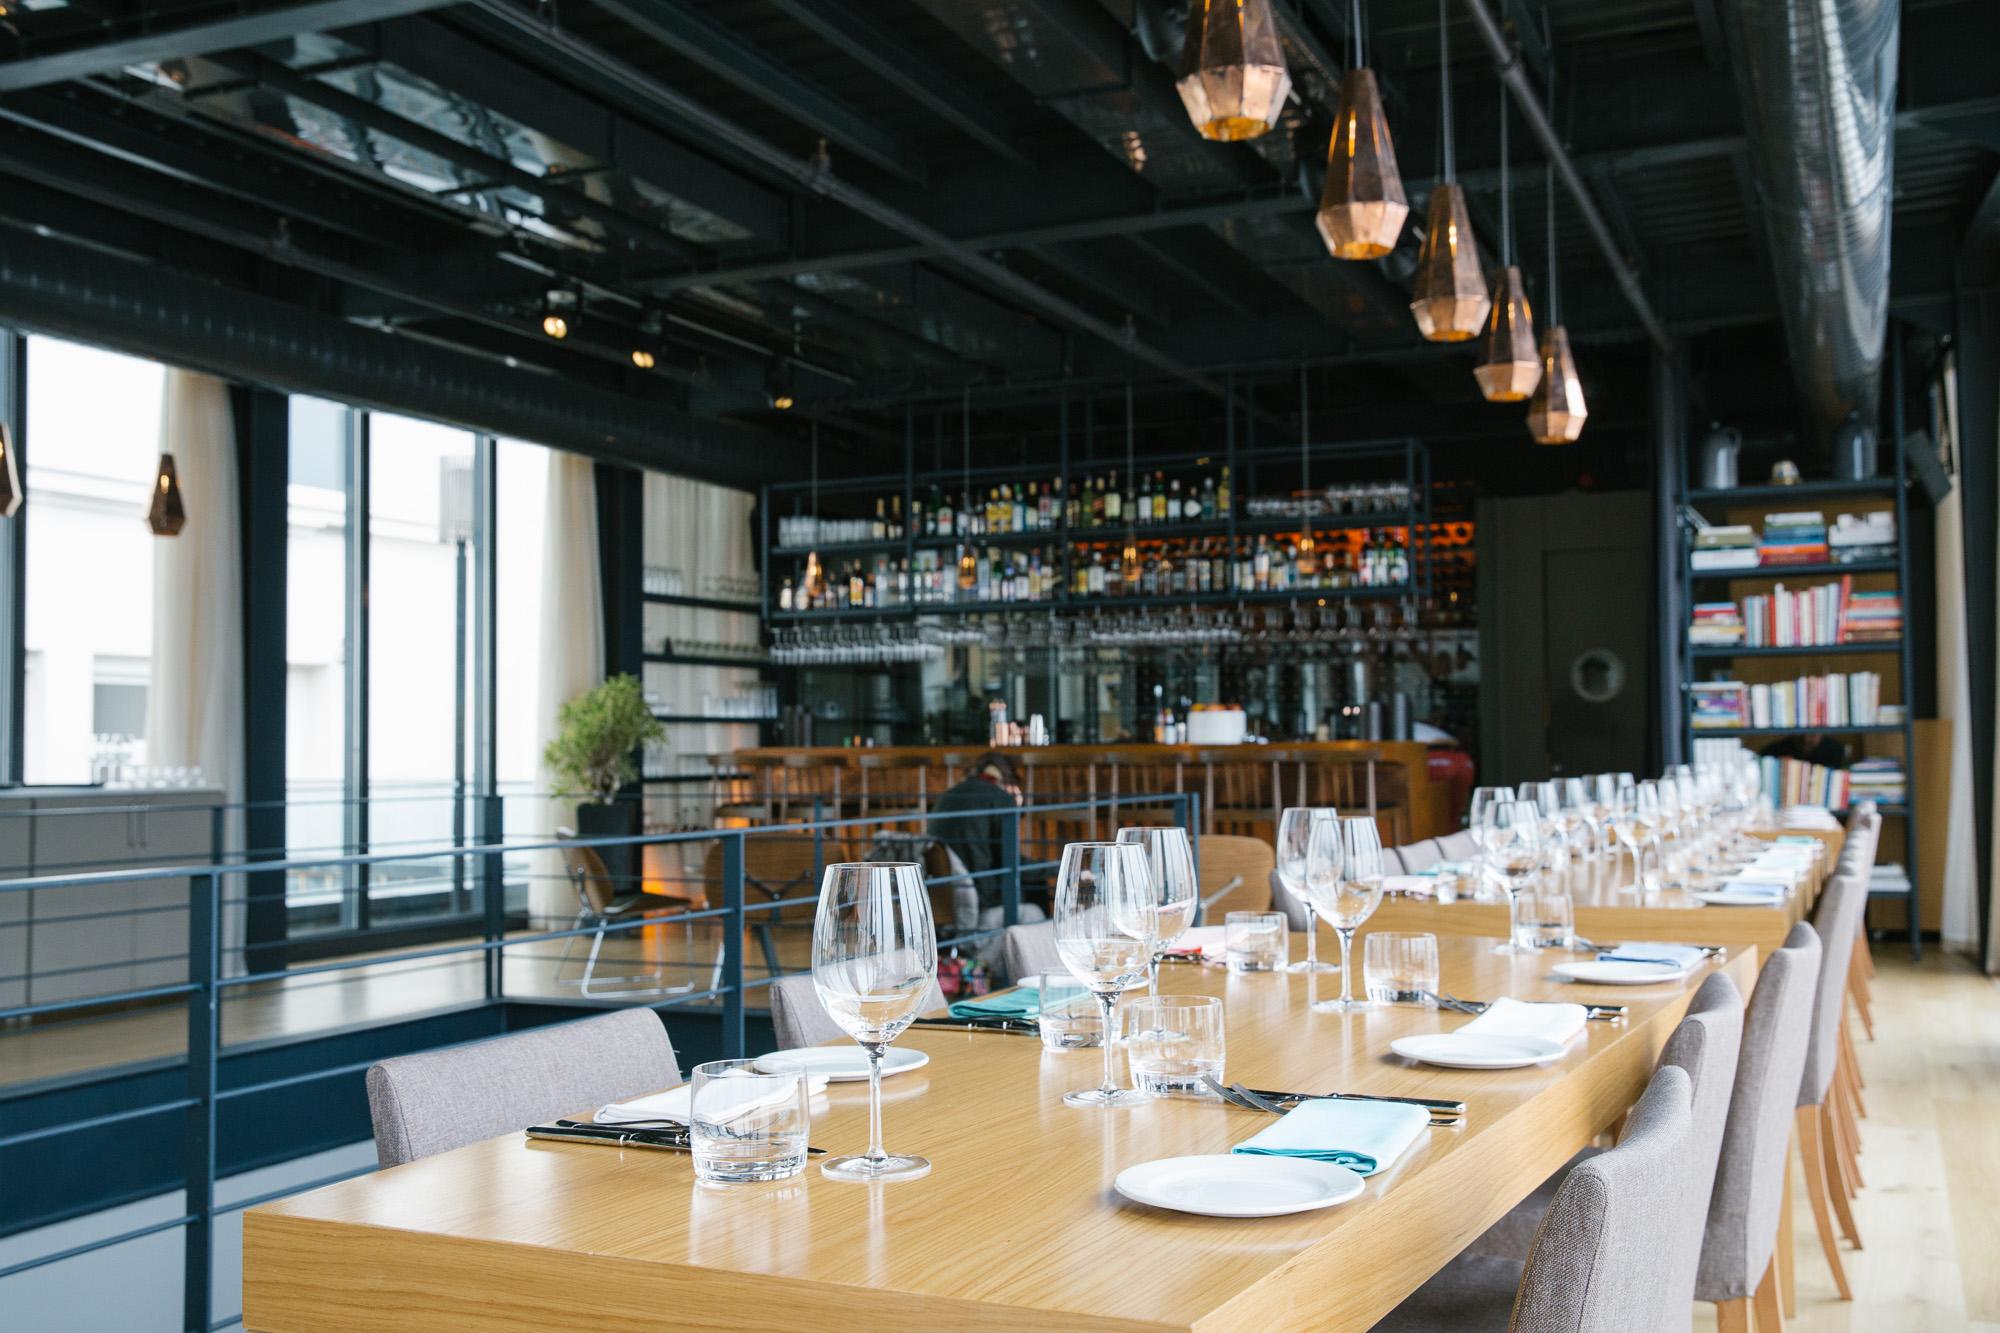 Istanbul_Neolokal_Restaurant-AudiMagazine-FinnBeales-03.jpg